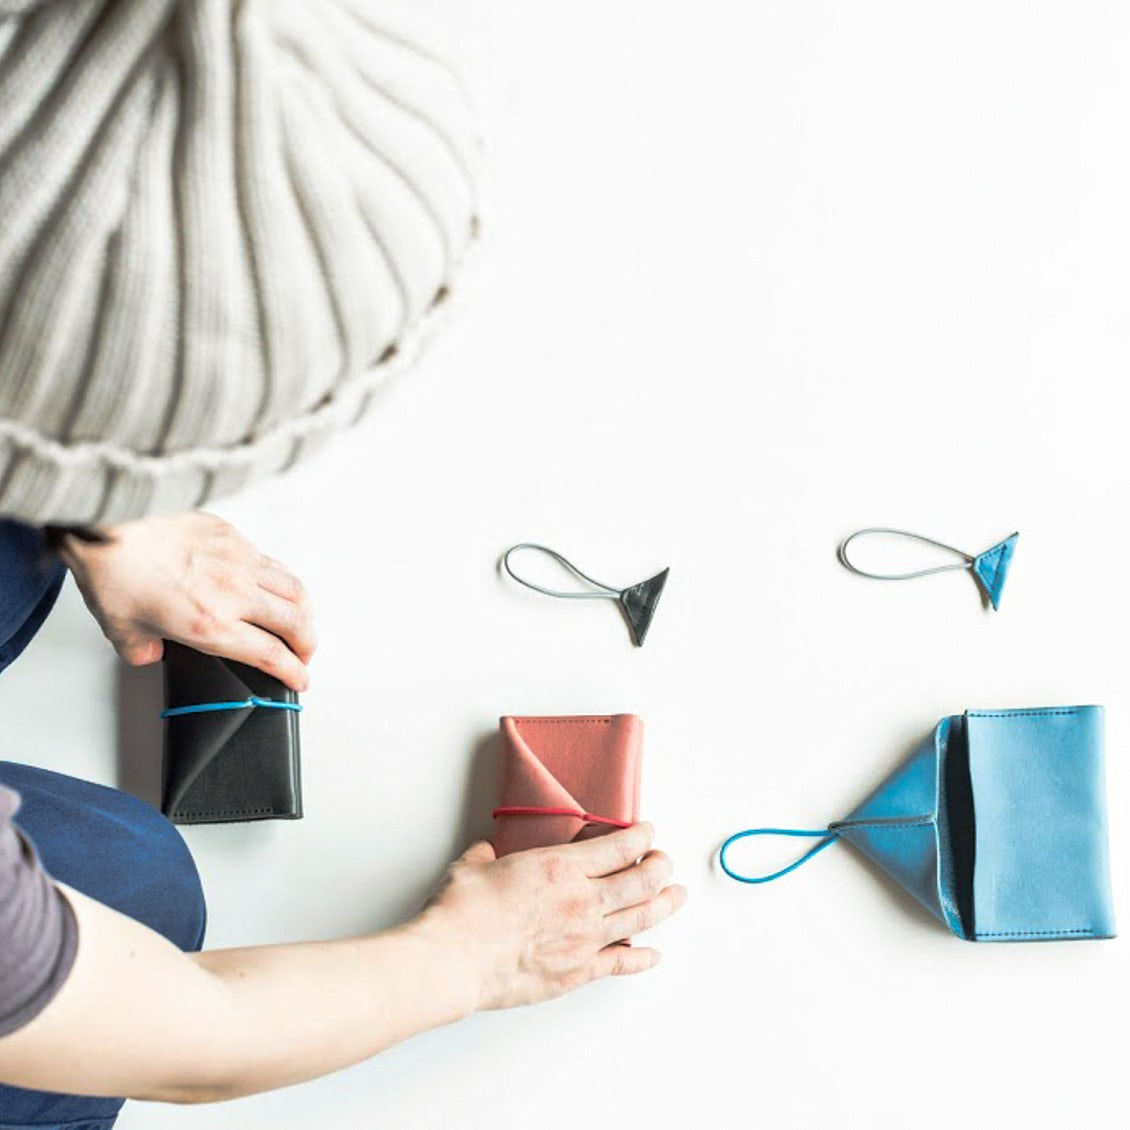 【あの人のバッグ】持ち物はすっきり、だけど愛らしい「レザーアイテム」でまとめて(神田沙耶香さん)